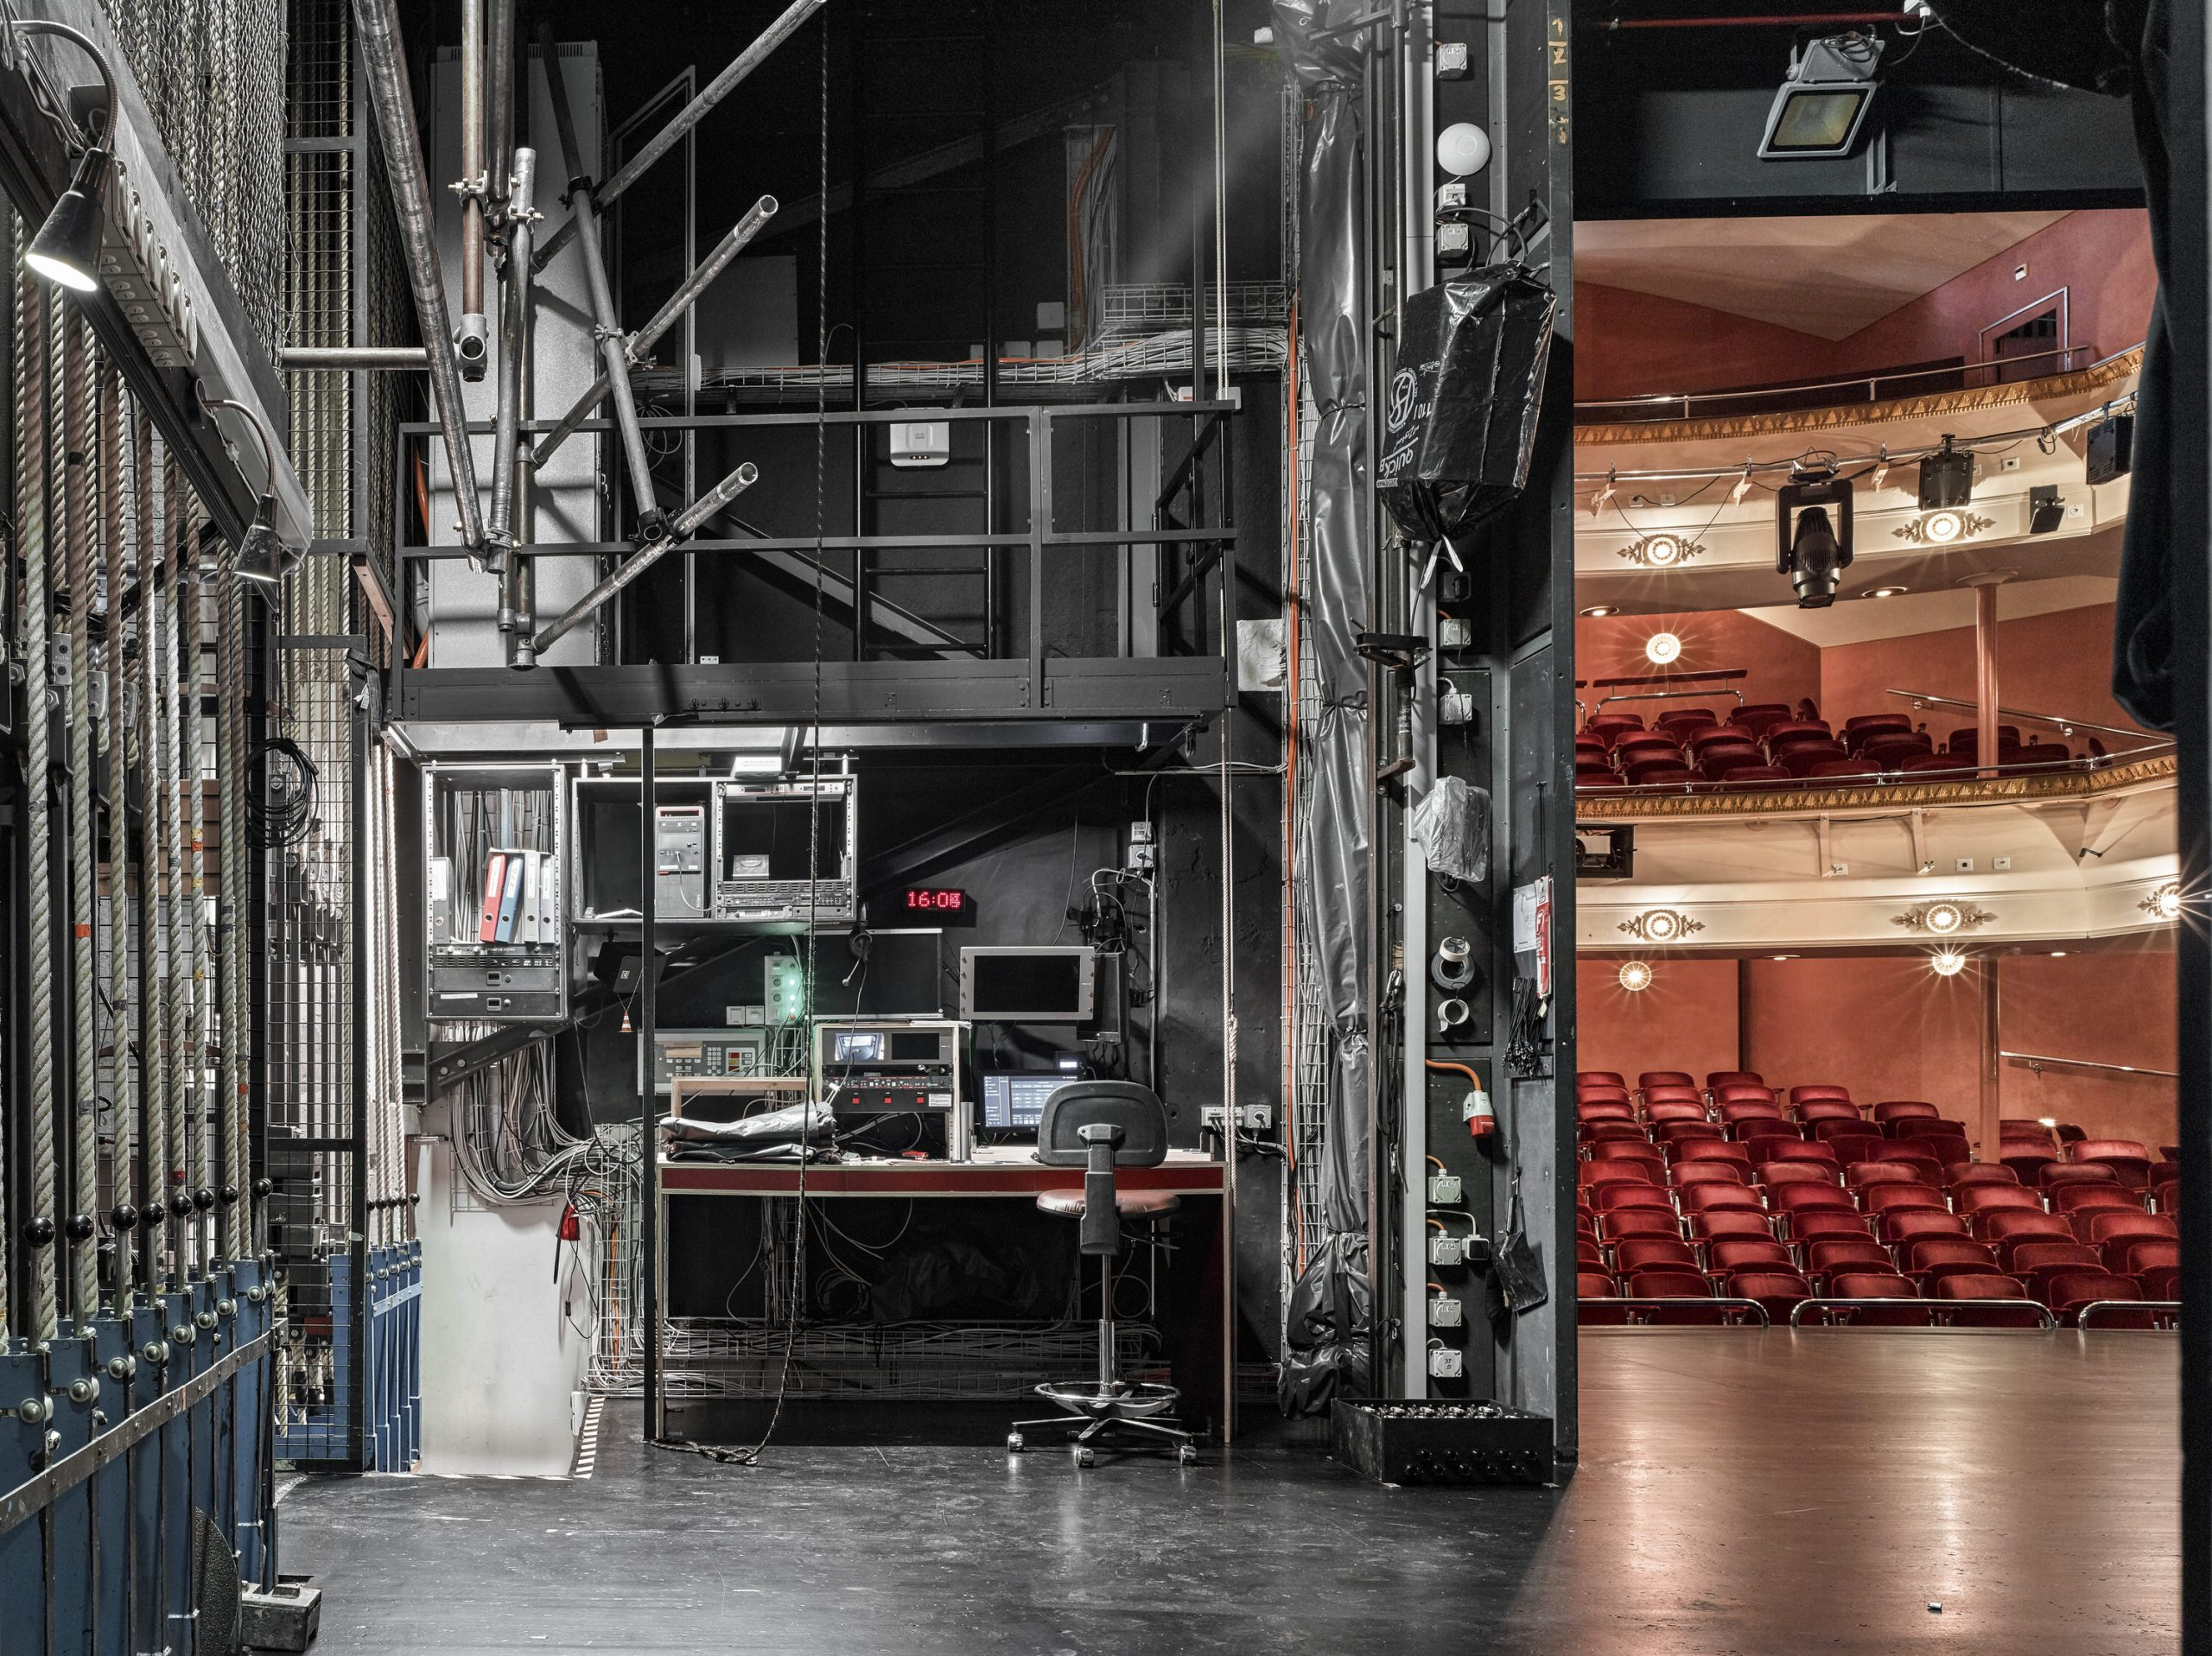 UnarcMischkulnig_StadttheaterBiel_14_fullres